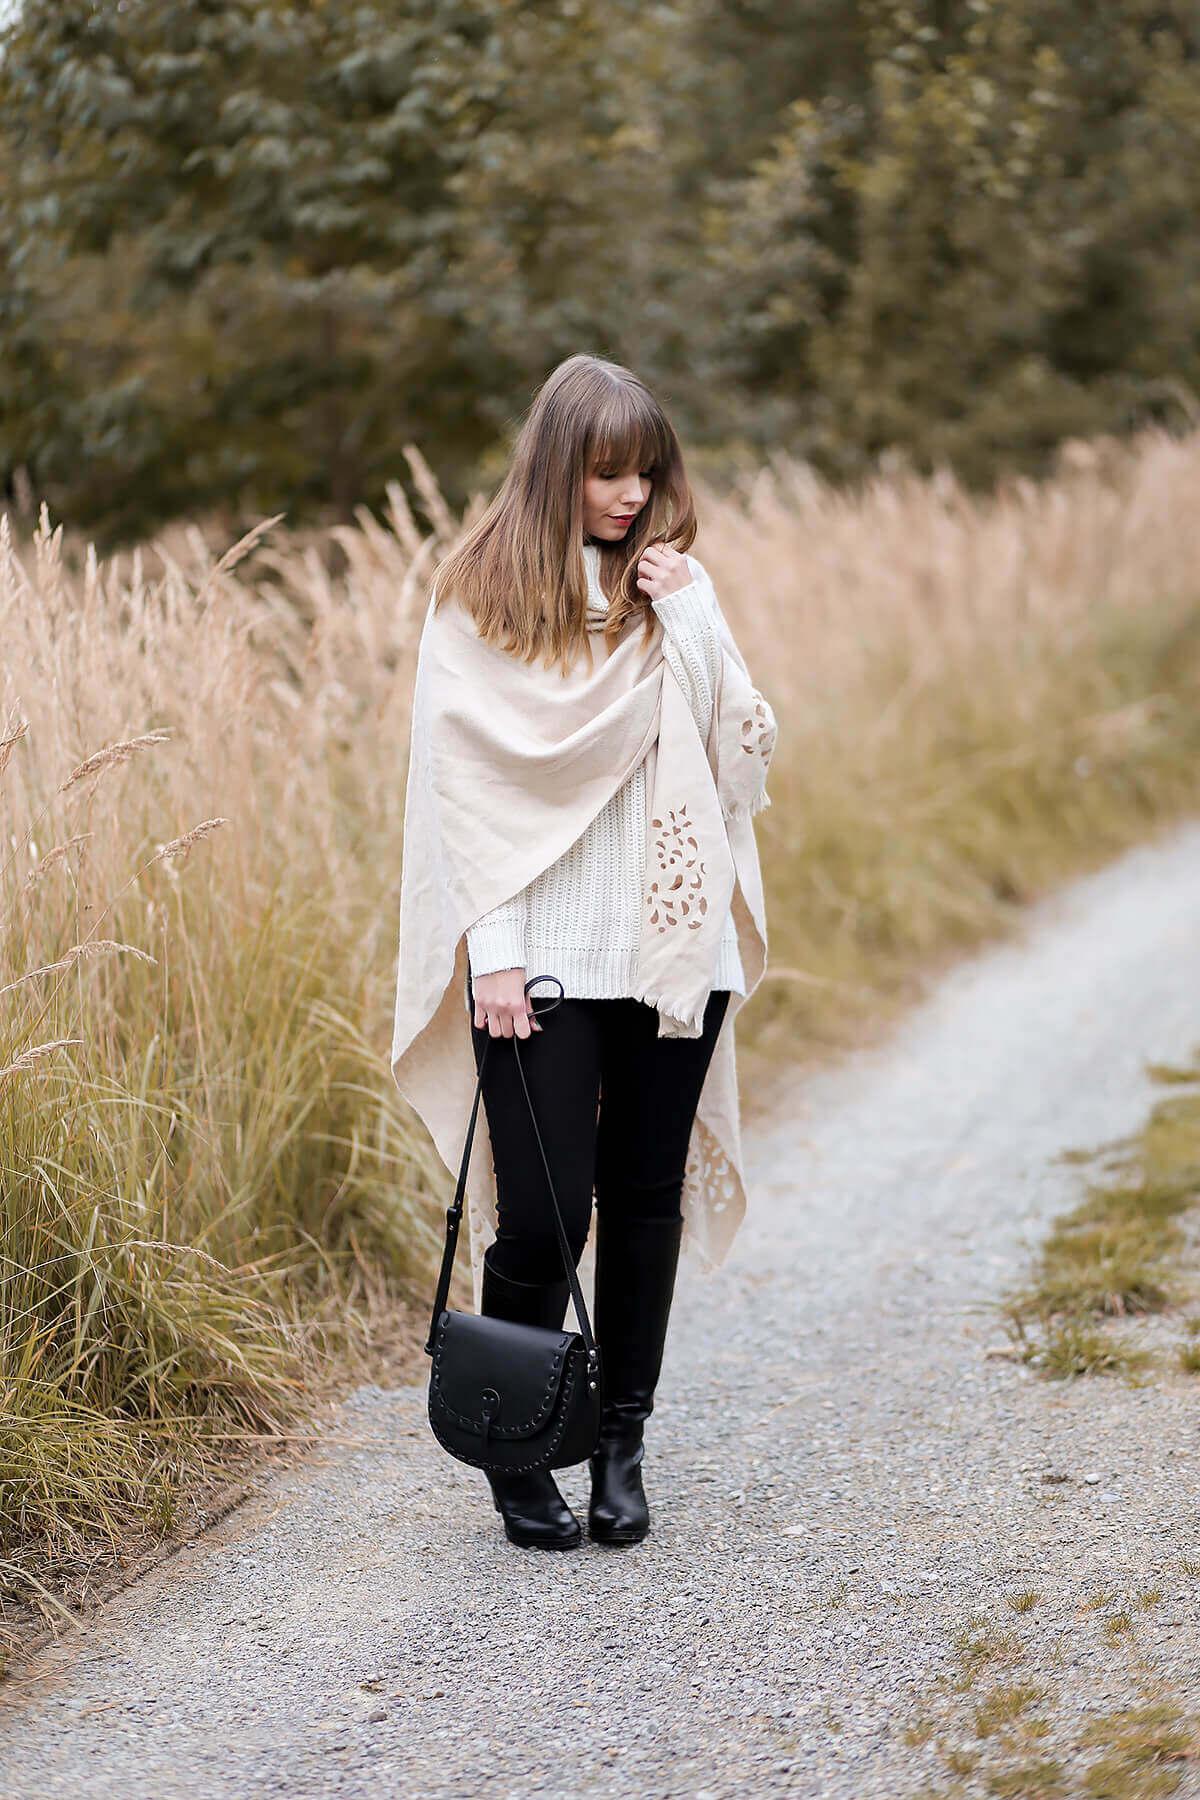 Kuschelig durch den Herbst im Poncho, Herbstoutfit, Trendblog by Deichmann